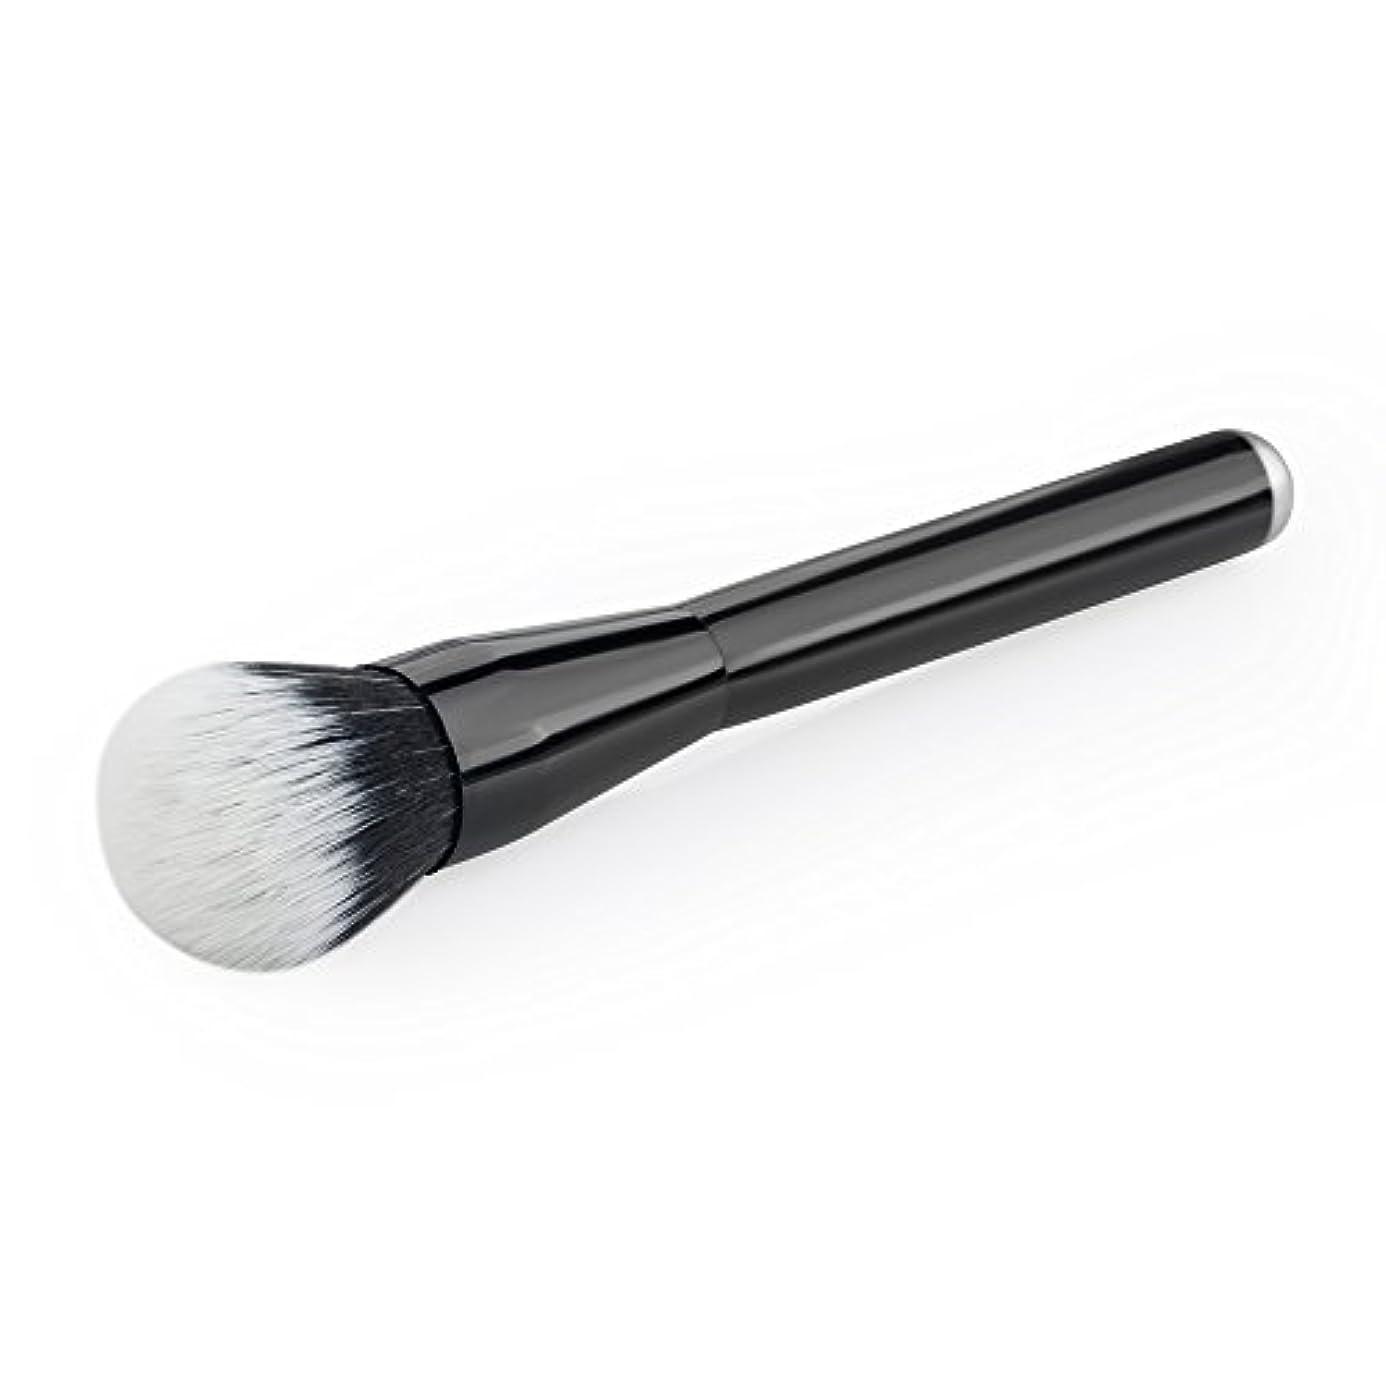 にんじん広い無視する(デマ―クト)De.Markt メイクブラシセット 高級化粧筆 メイクブラシ 極細毛をたっぷり使用 多機能 1本セット チークブラシ